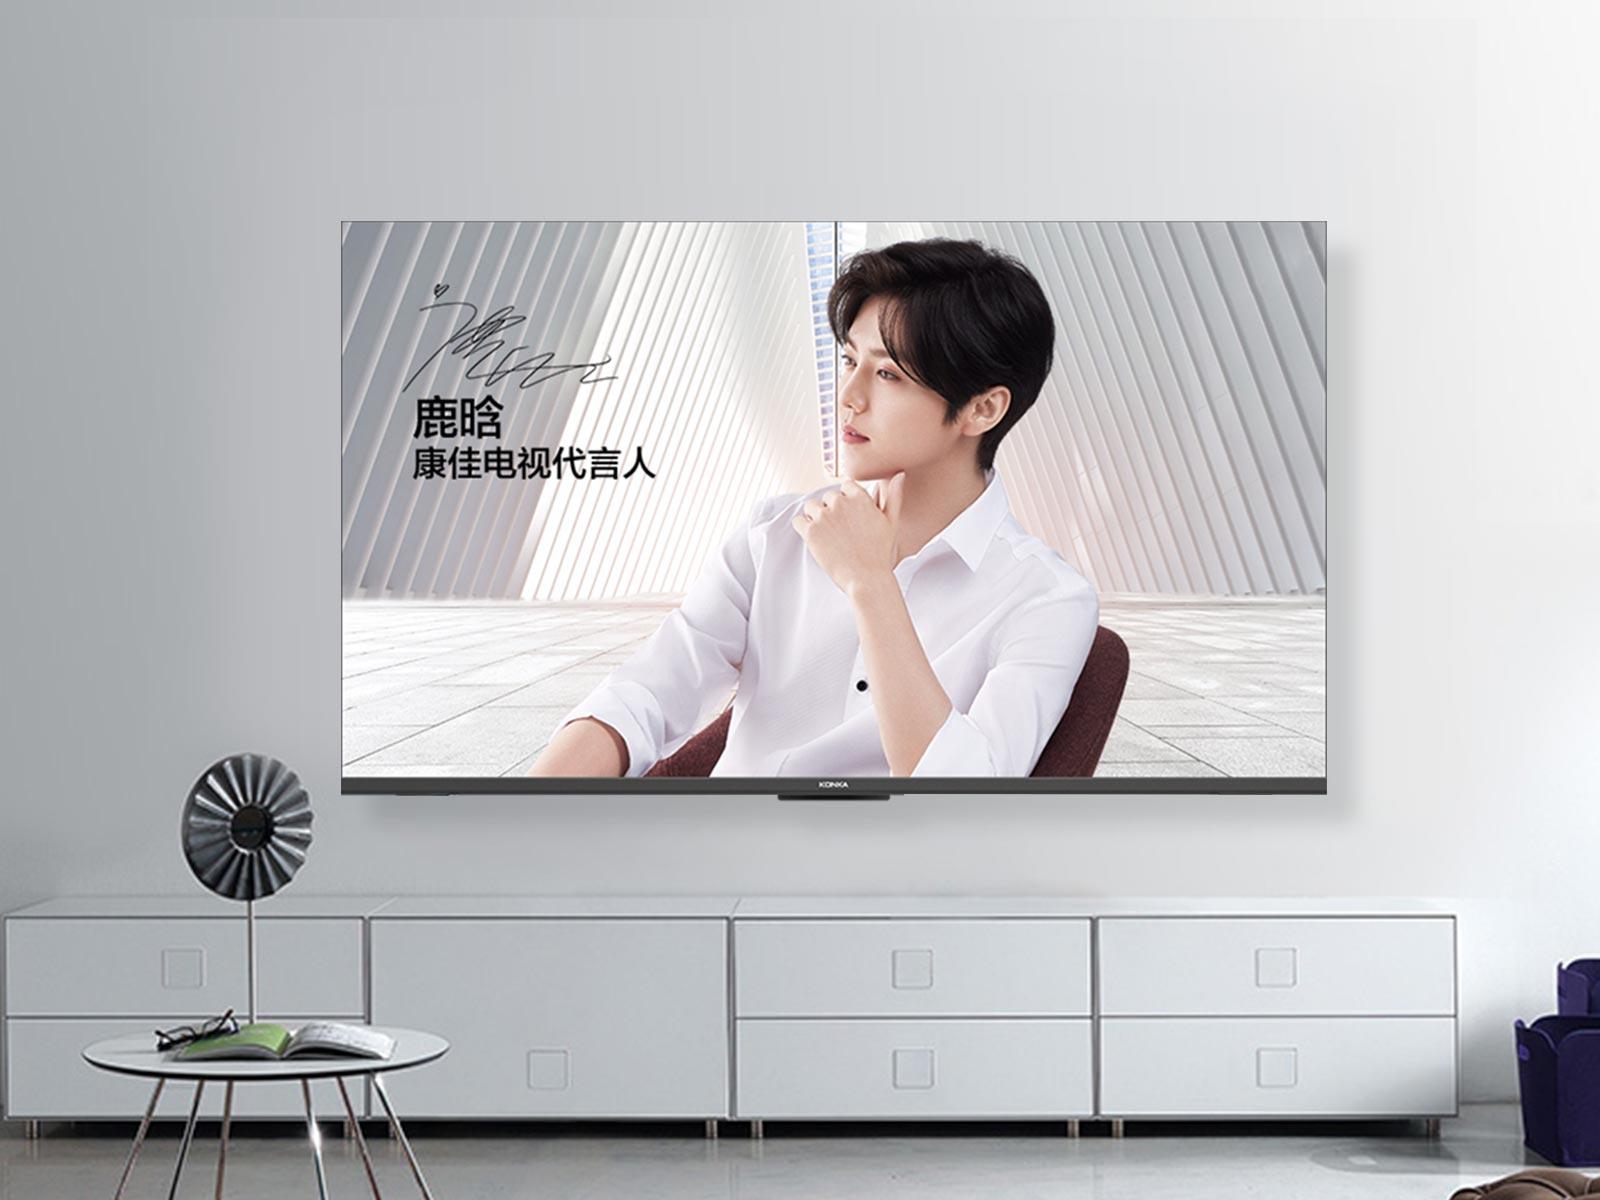 康佳宣传片